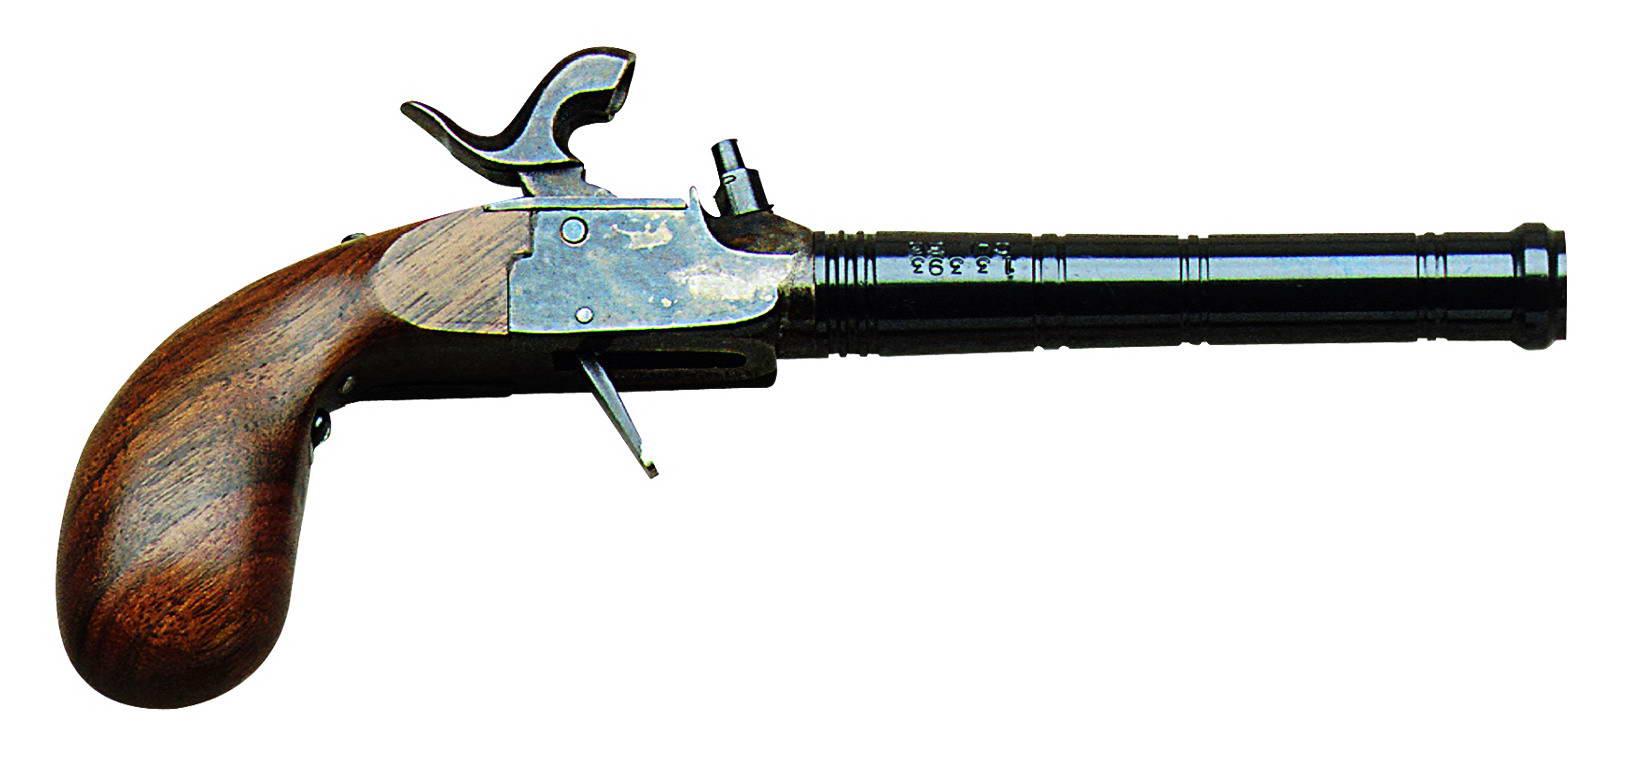 Diy Derringer Kit